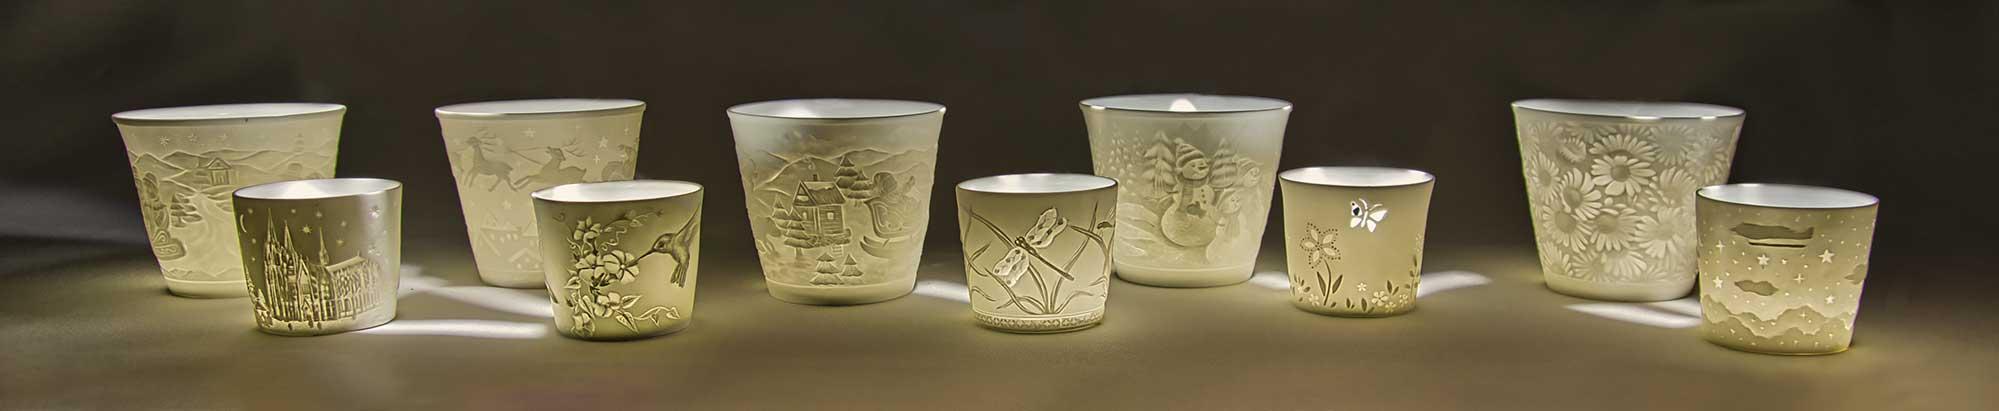 Starlight Votiv, Porzellan Teelichthalter